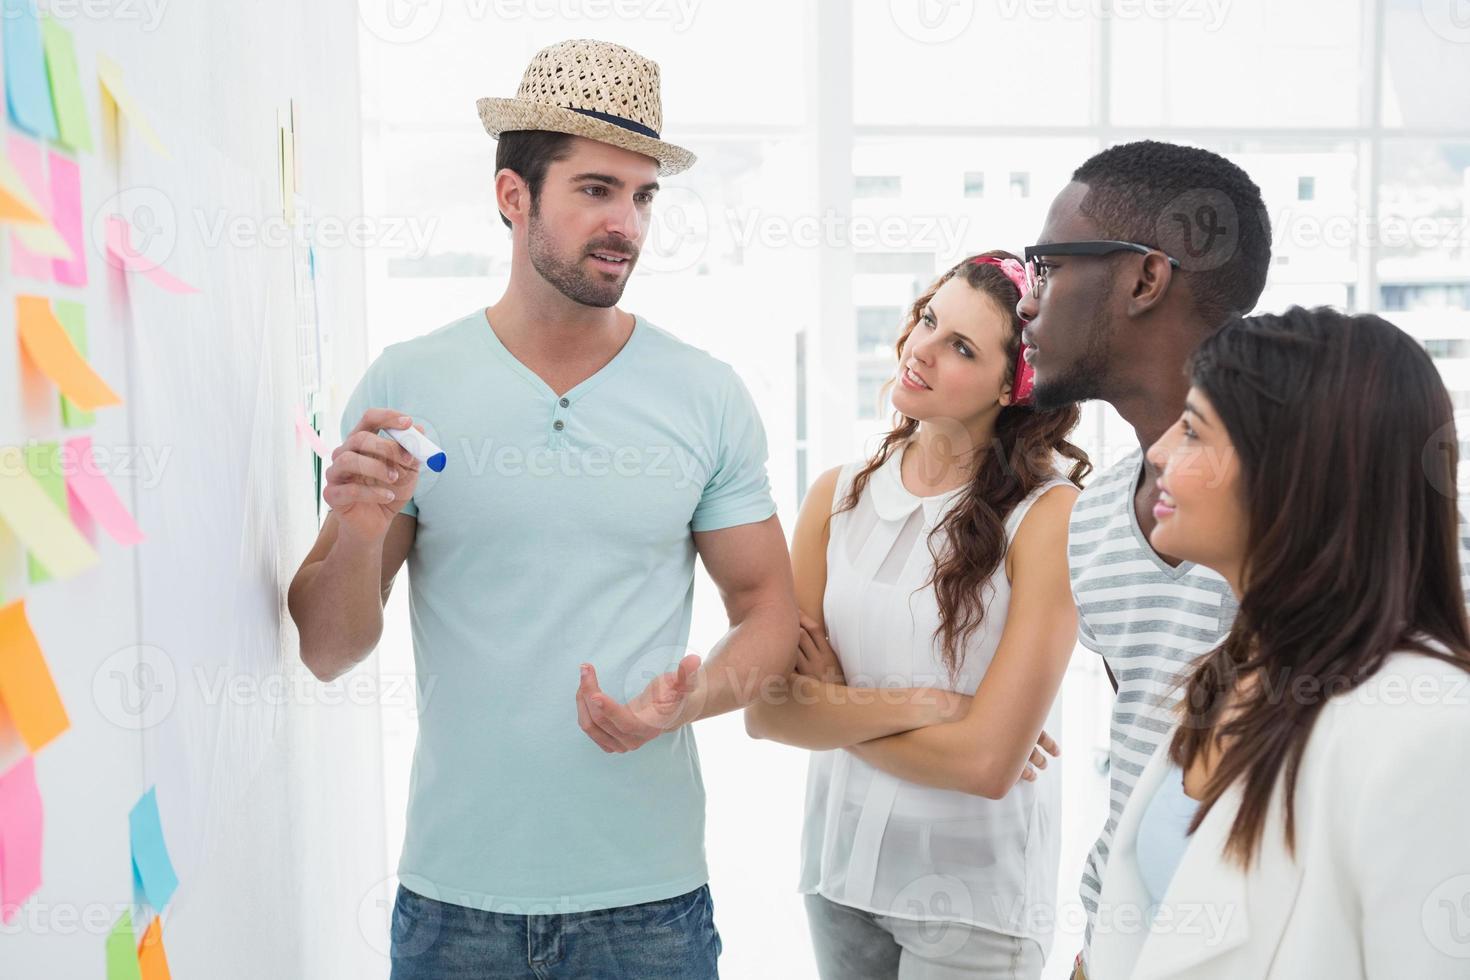 teamwerk staan en praten samen foto